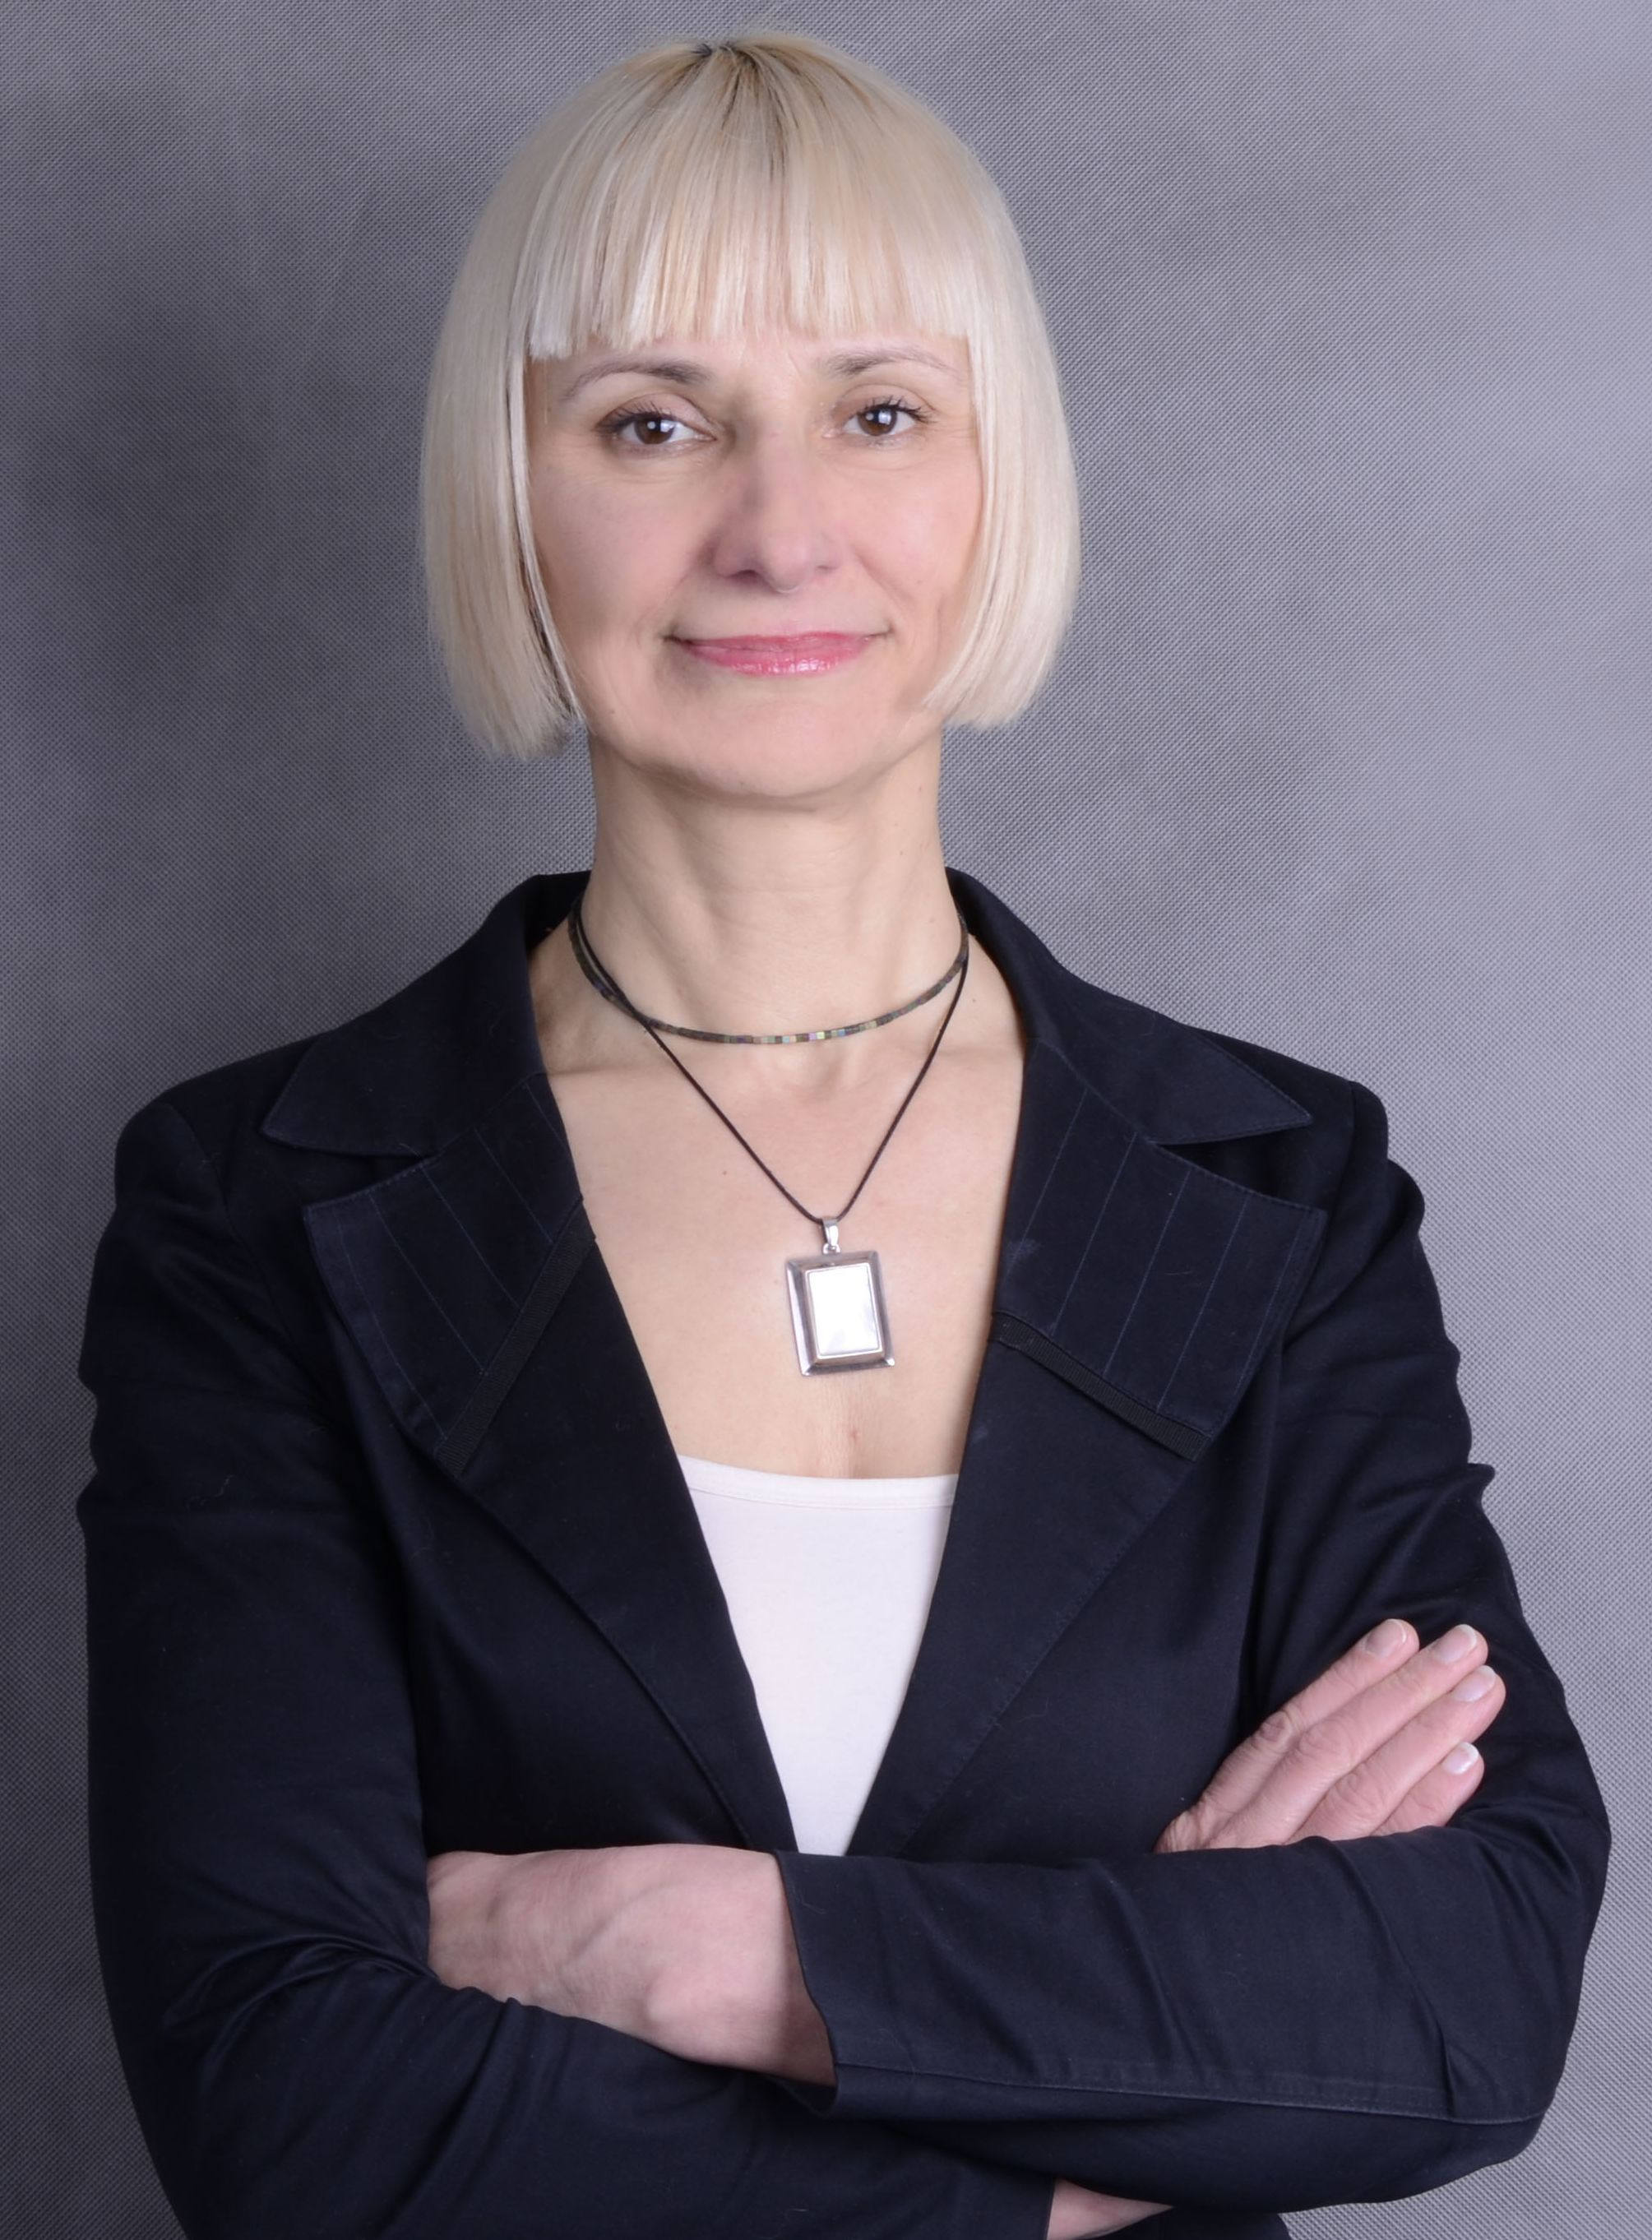 Krystyna Pietrzykowska